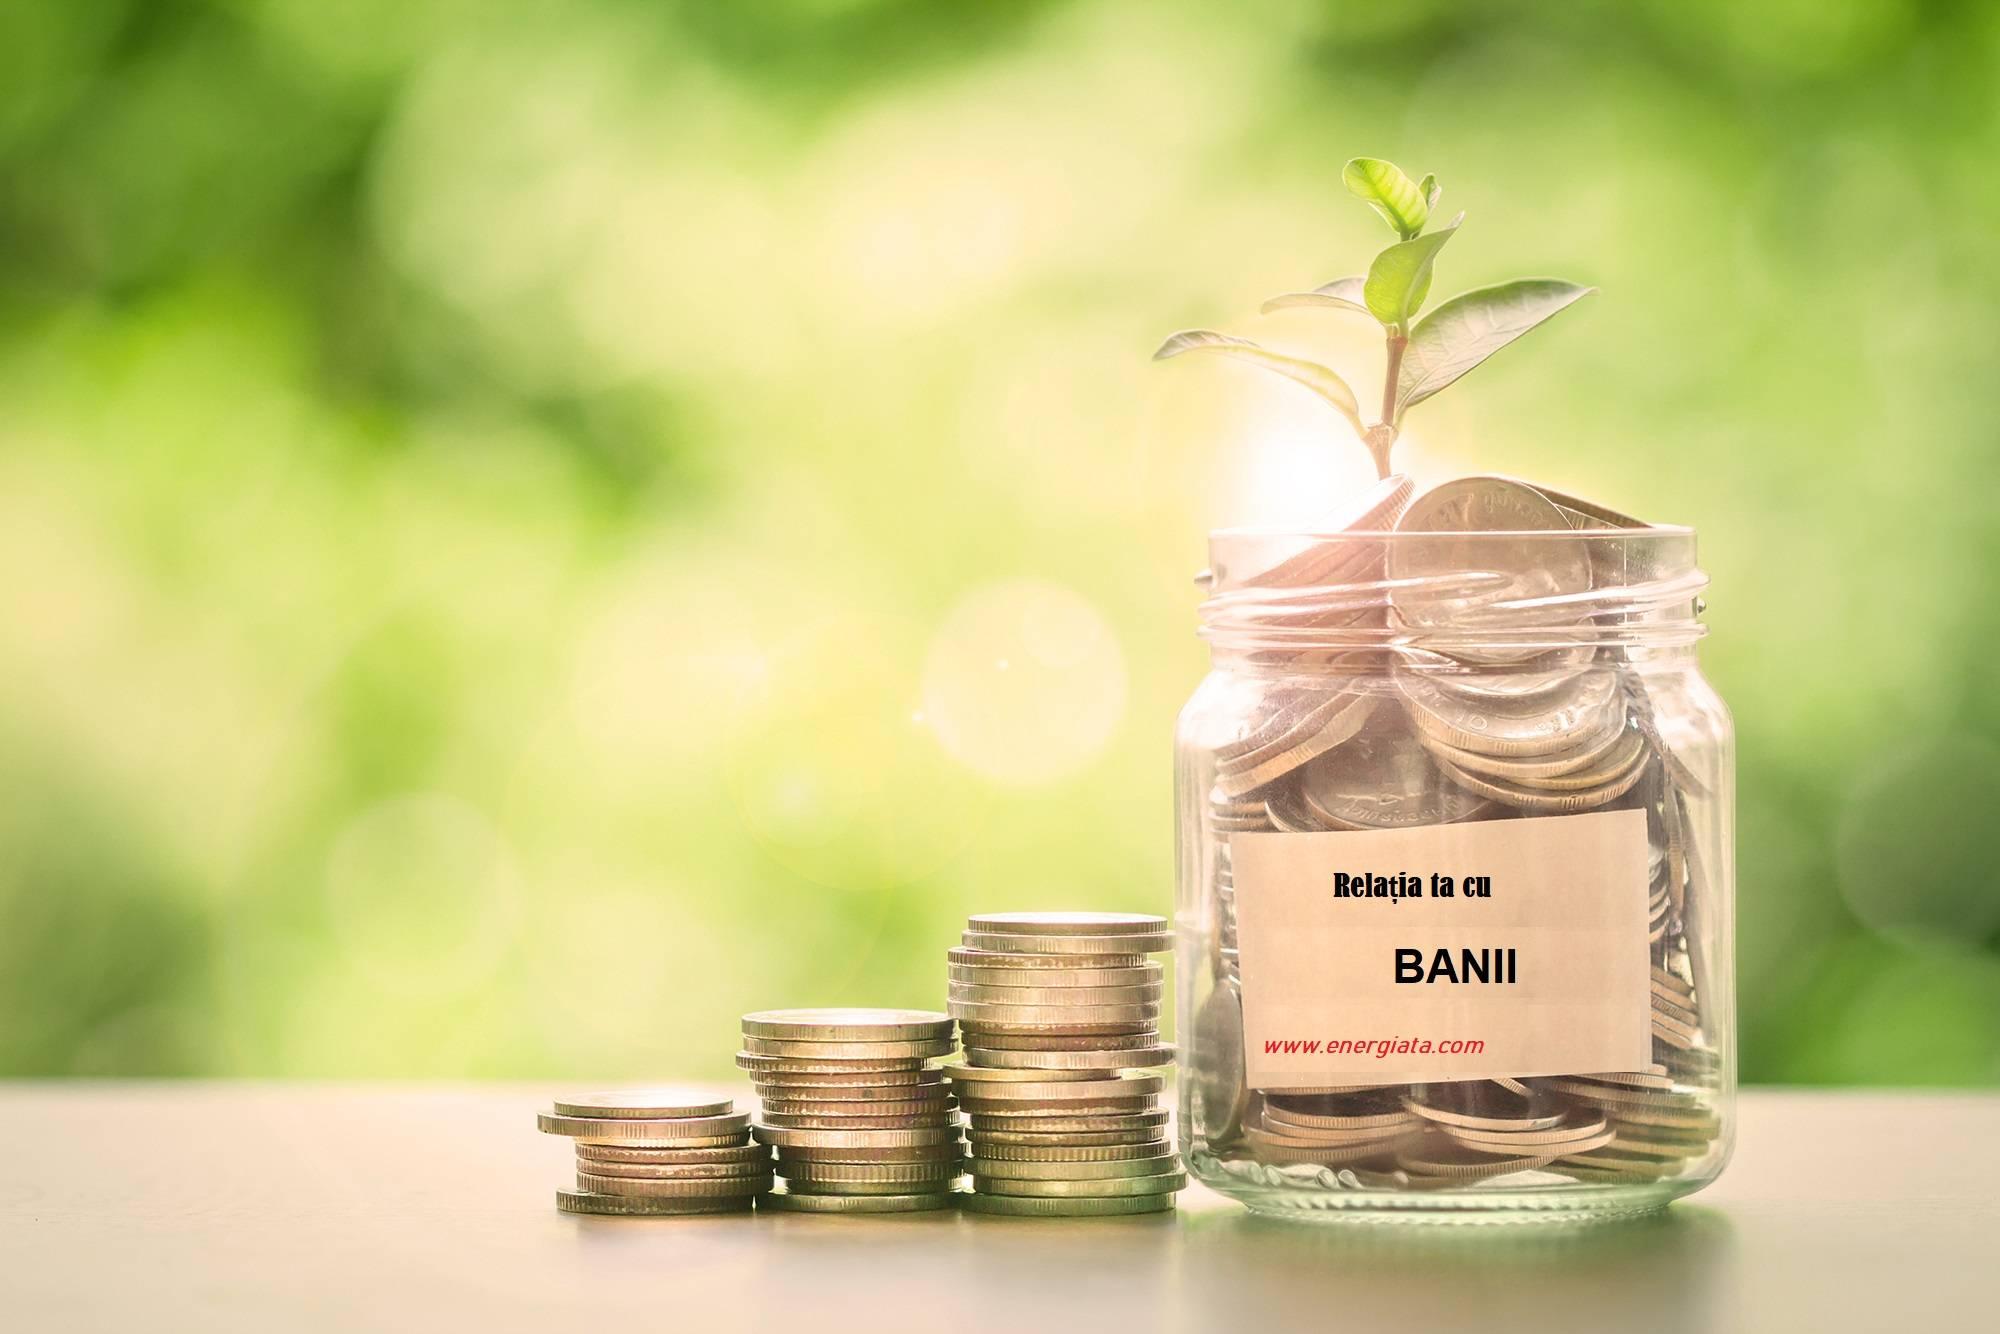 Ghid De Investiții la Bursă [Cum să Investești la Bursă în ]